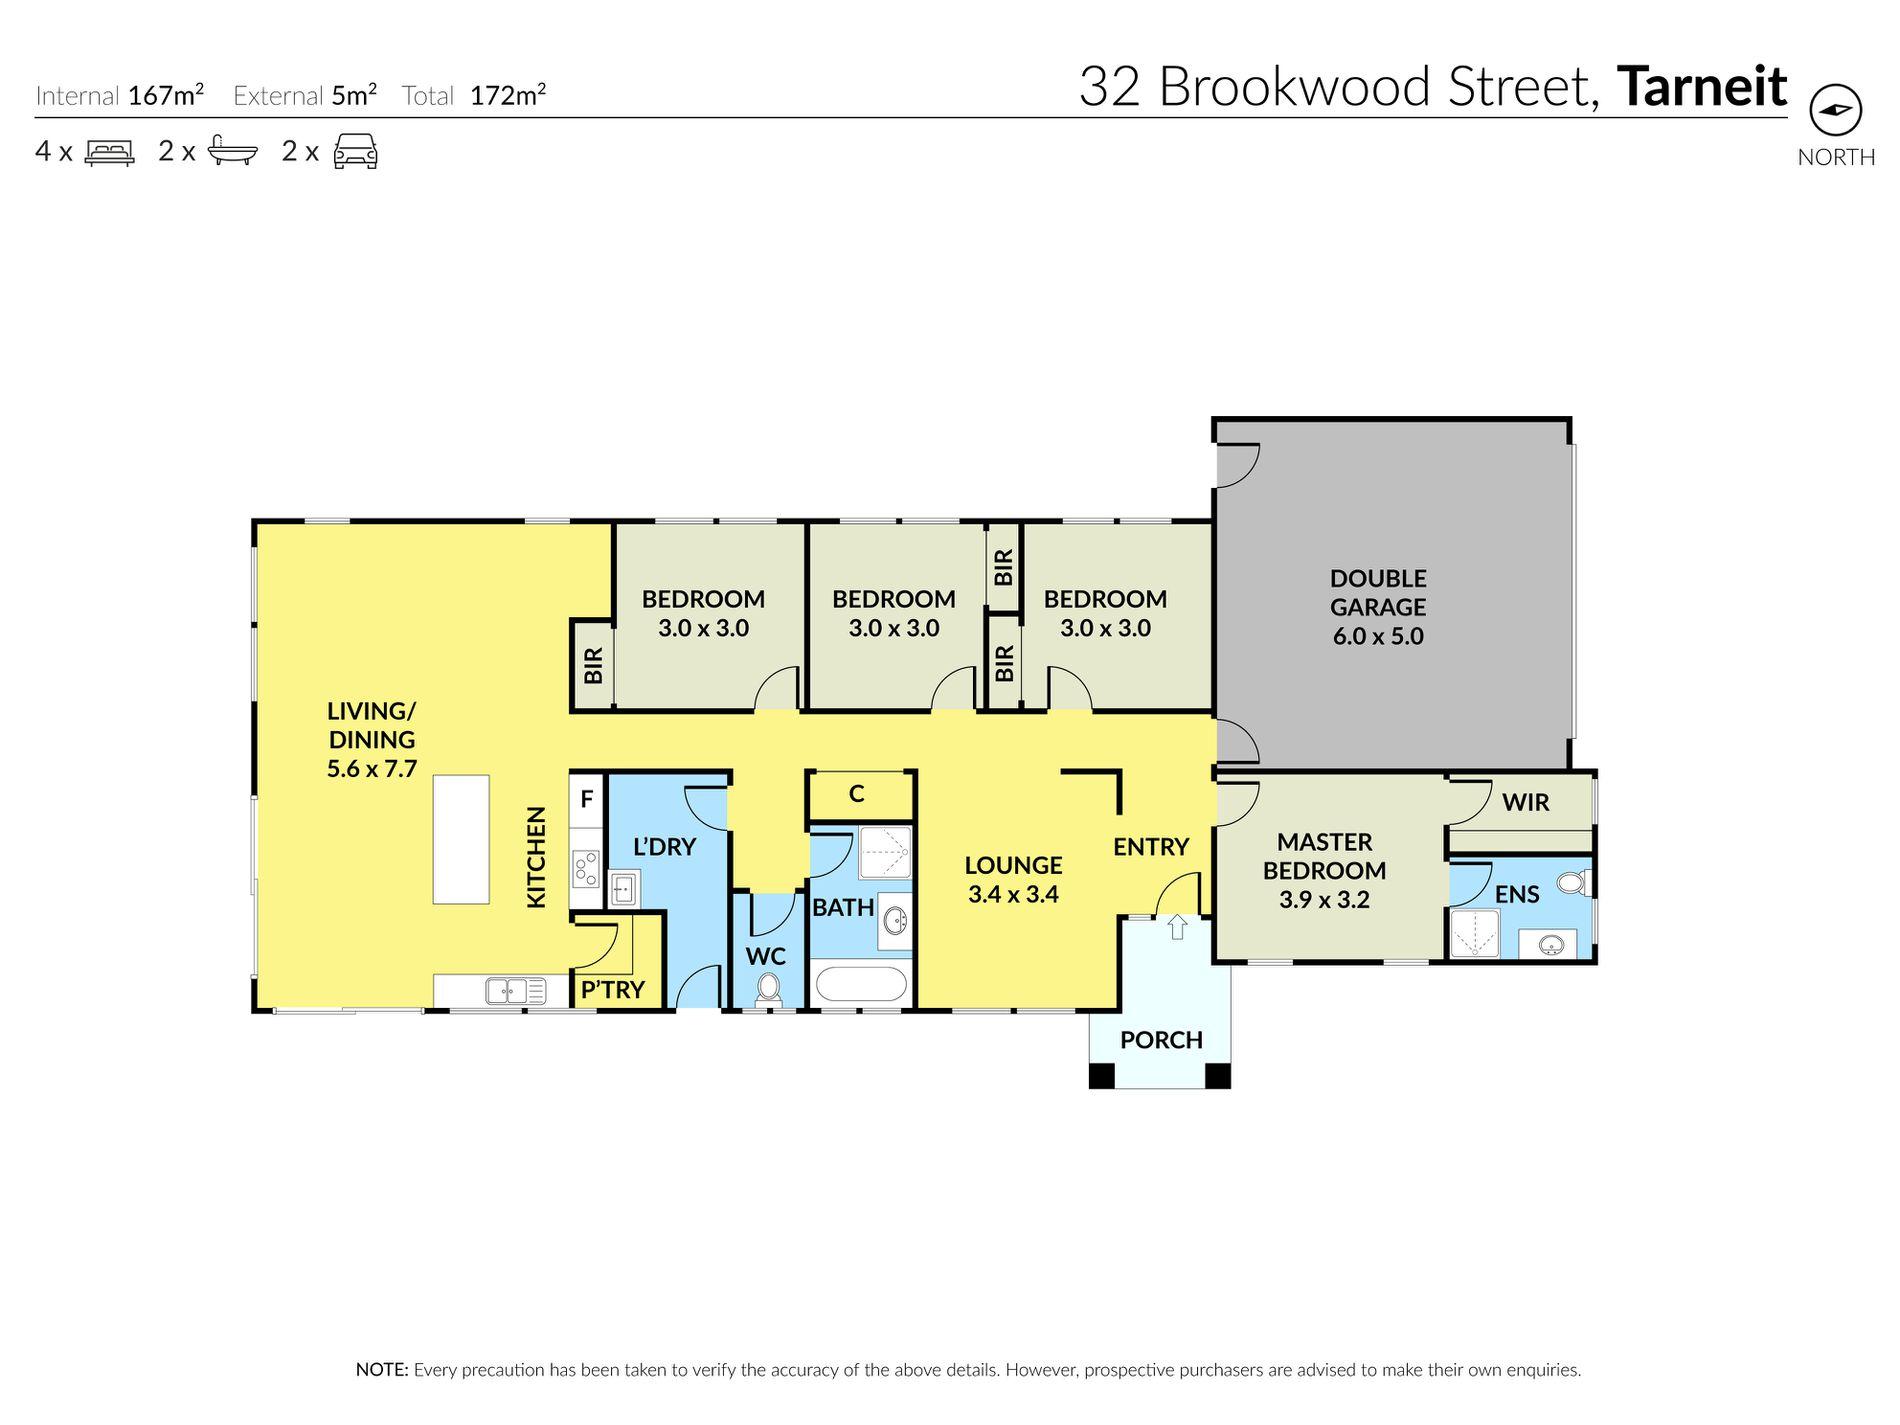 32 Brookwood Street, Tarneit